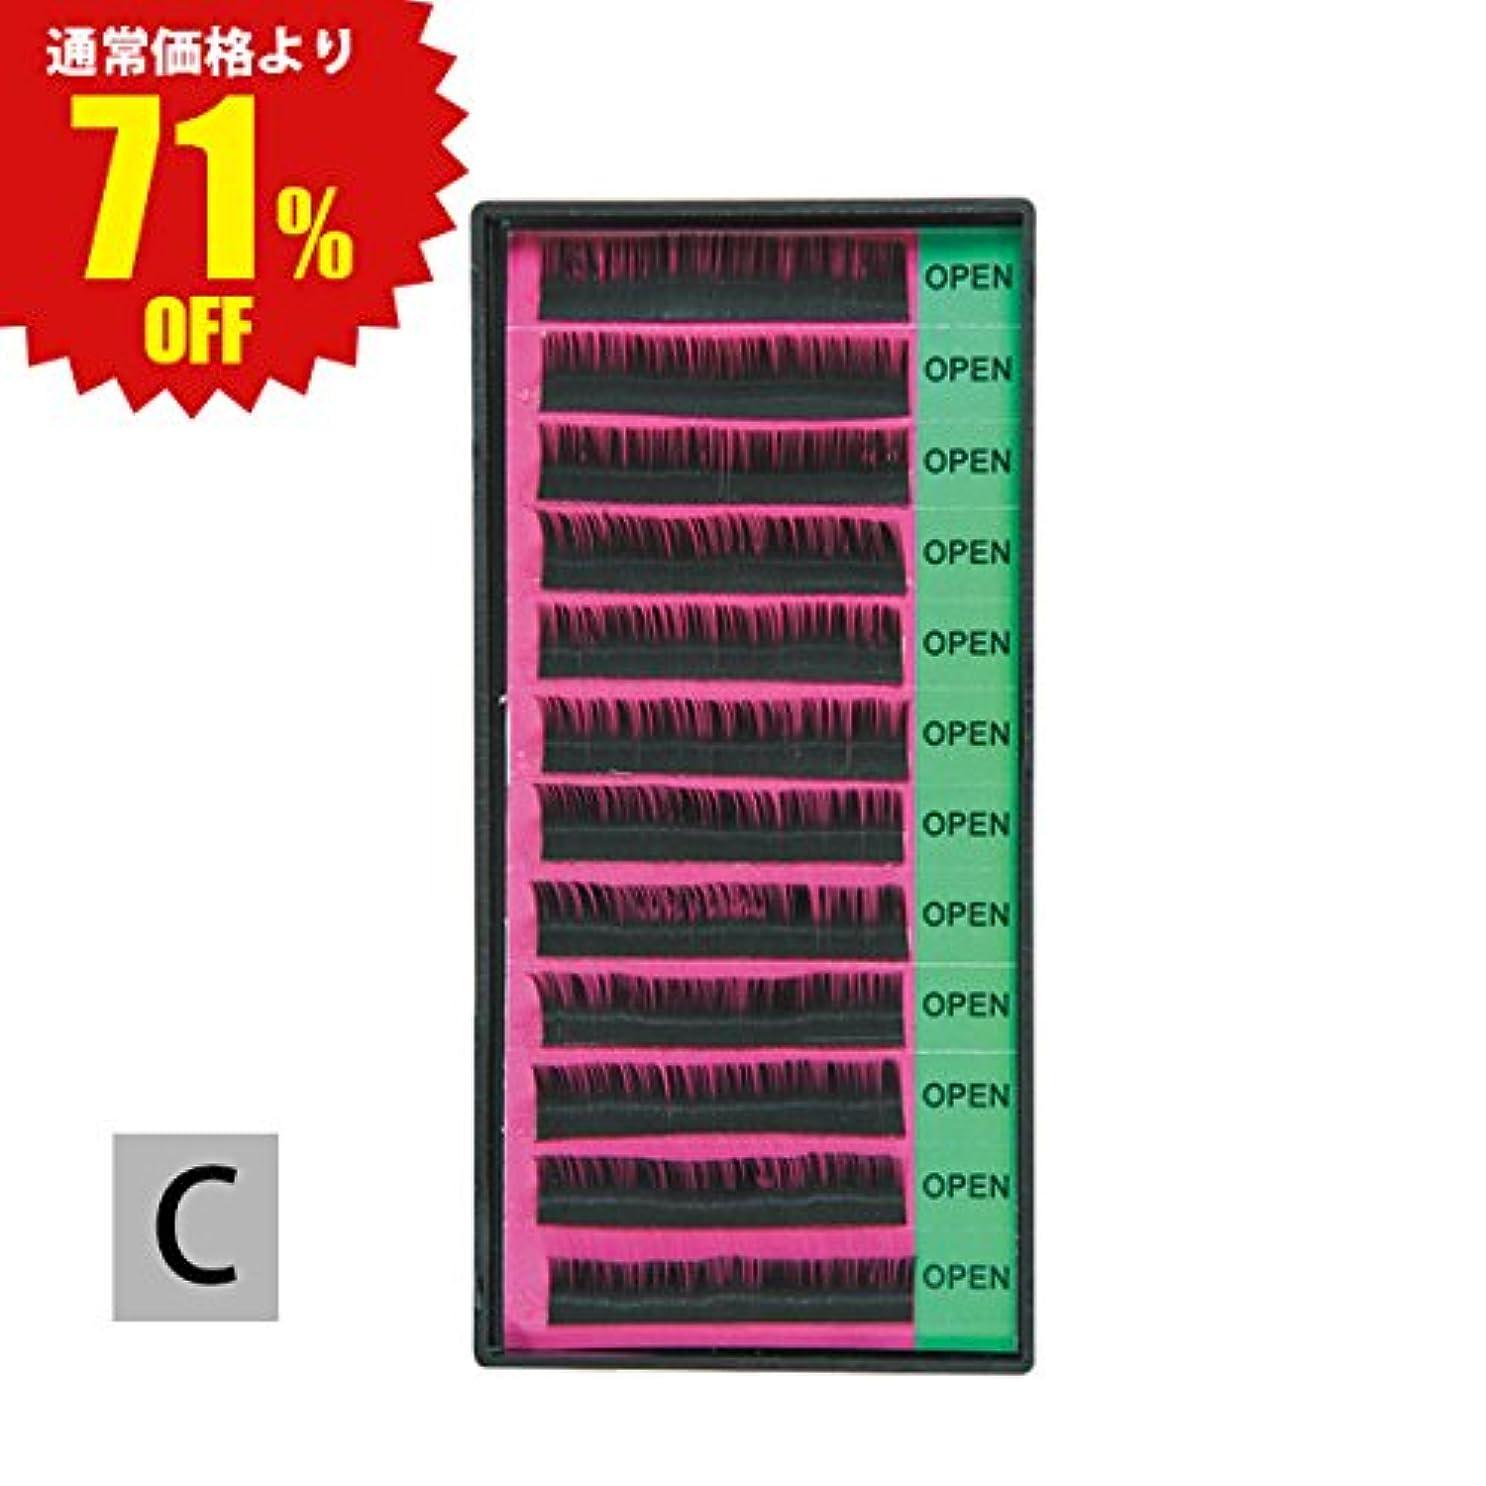 良心的奇跡ジェットまつげエクステ シルキータッチ(12列) マツエク (Cカール 0.10mm 6mm)